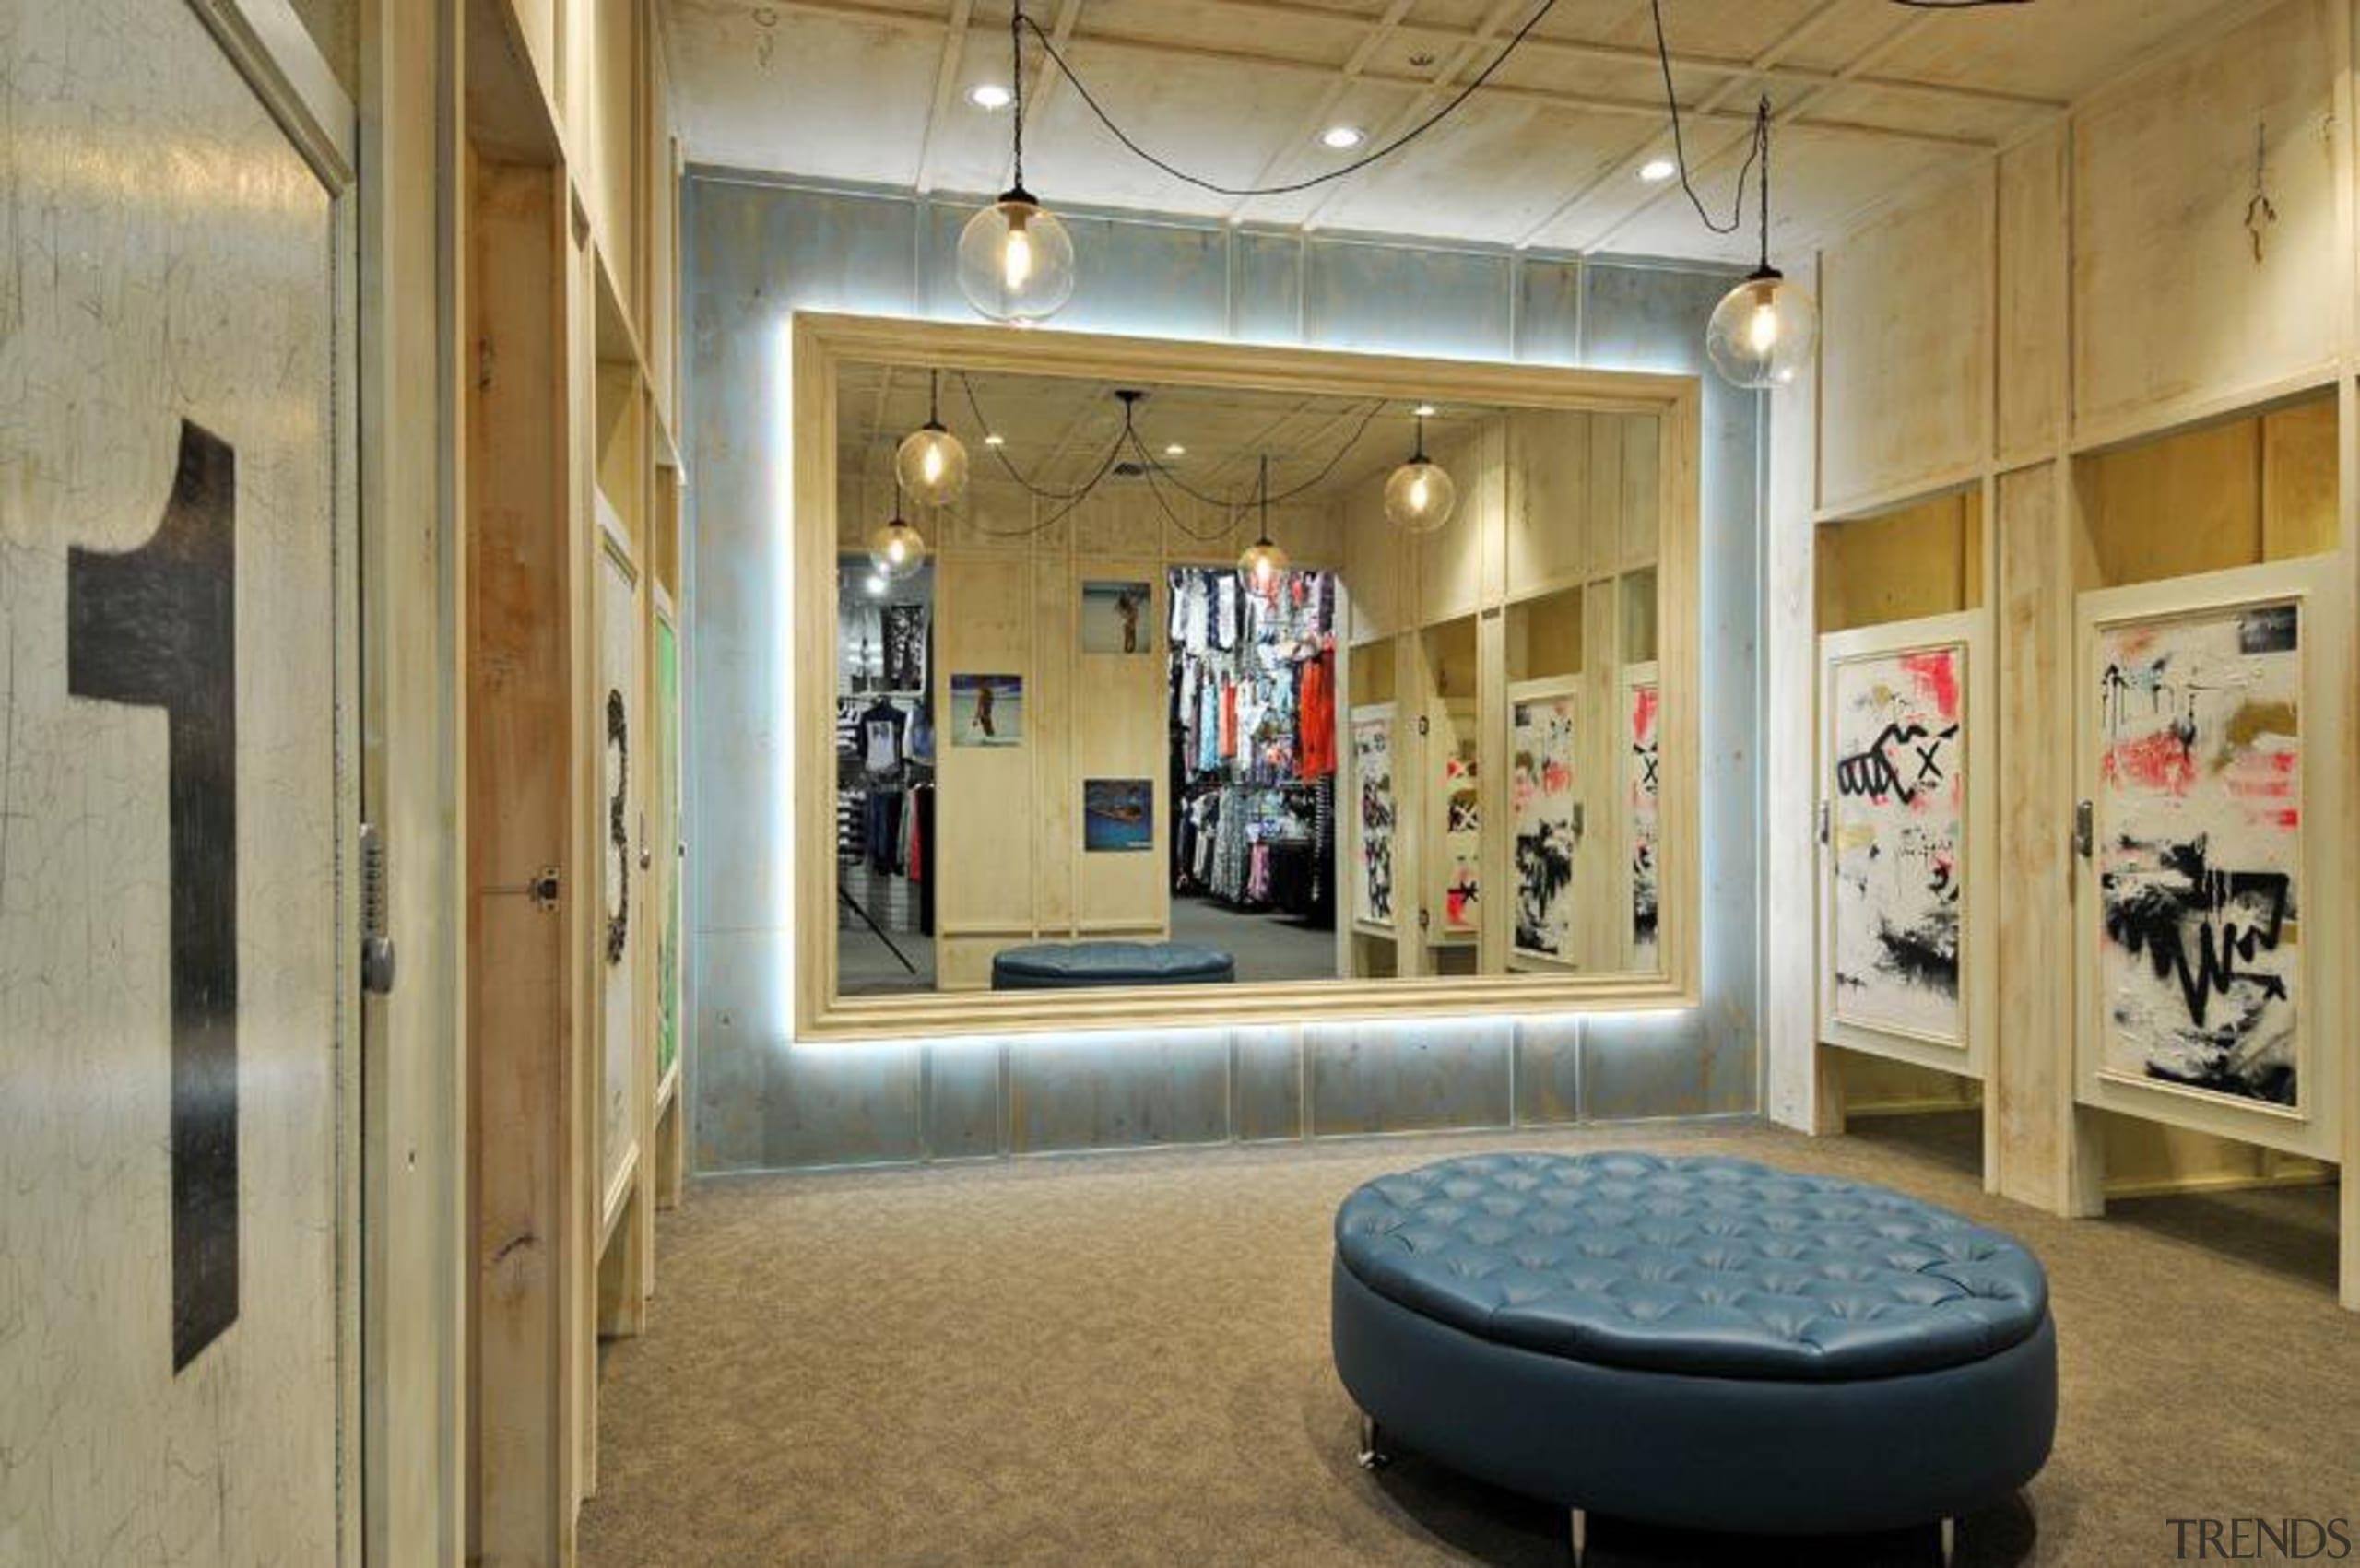 dsc4643edit - Dsc 4643 Edit - boutique   boutique, ceiling, exhibition, interior design, brown, orange